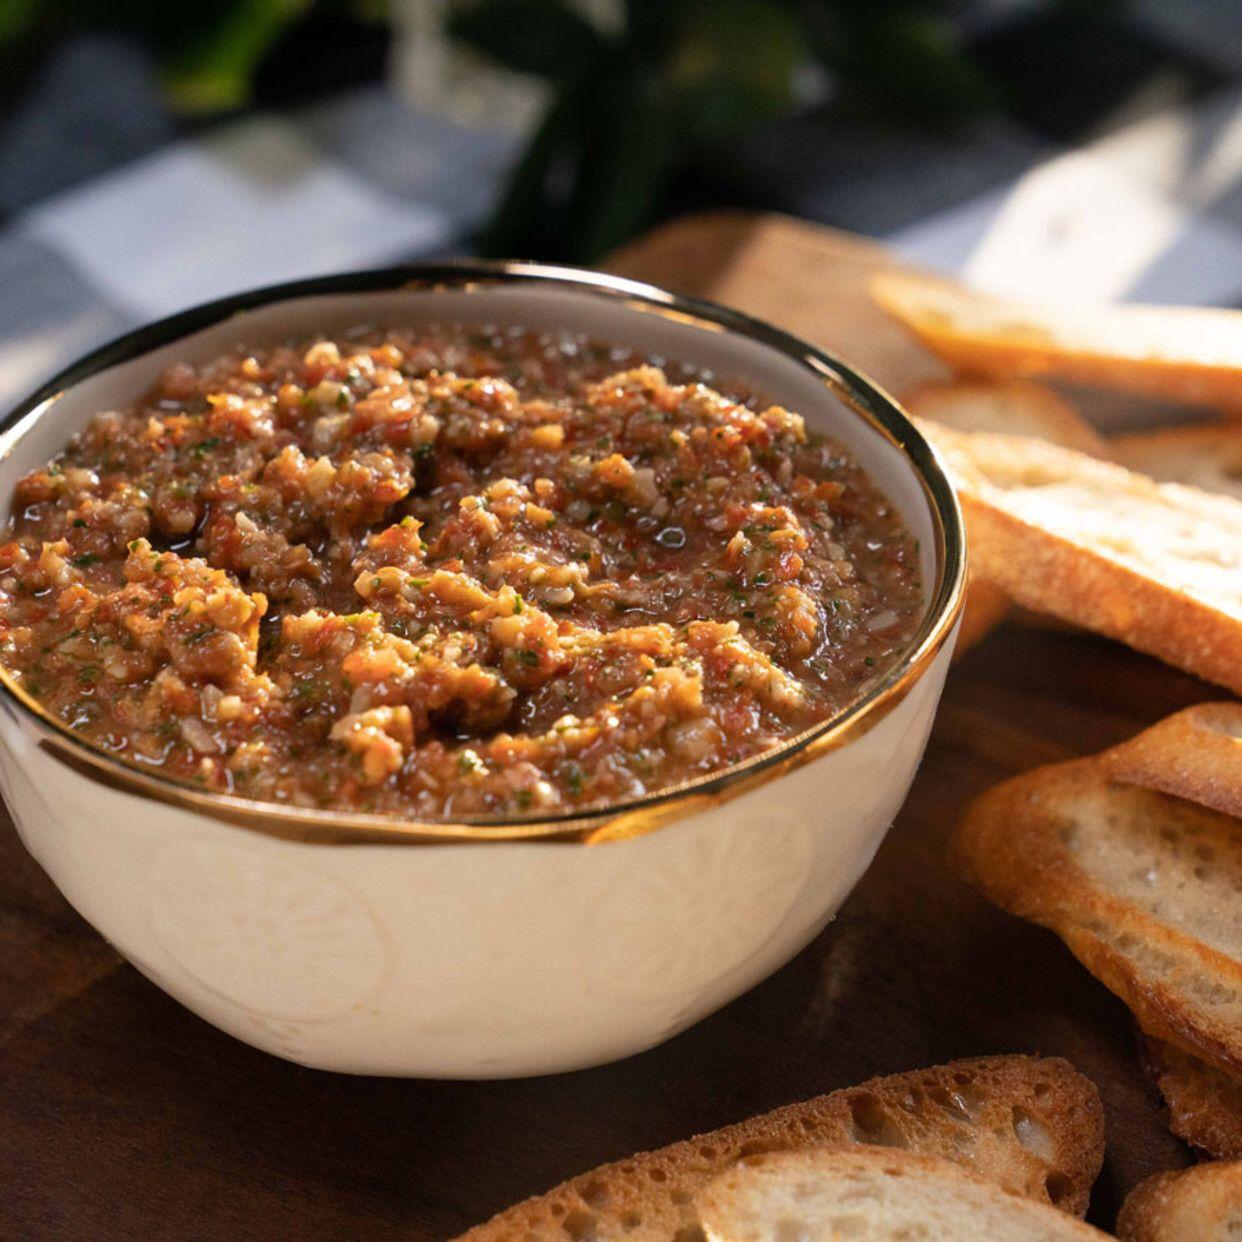 Sicilian Tomato Pesto Recipe In 2020 Food Network Recipes Tomato Pesto Pesto